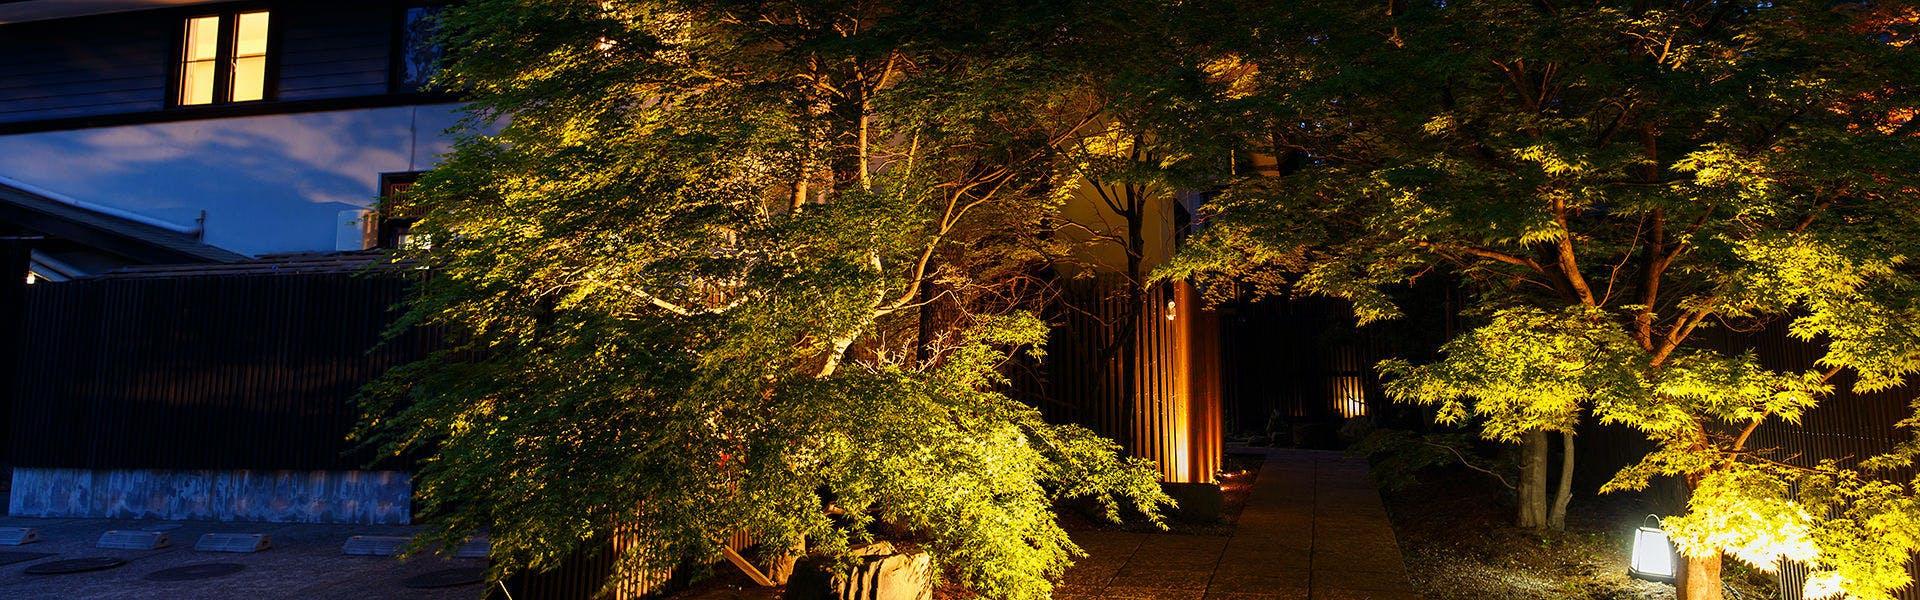 記念日におすすめのホテル・那須ノ宿 縁の写真1